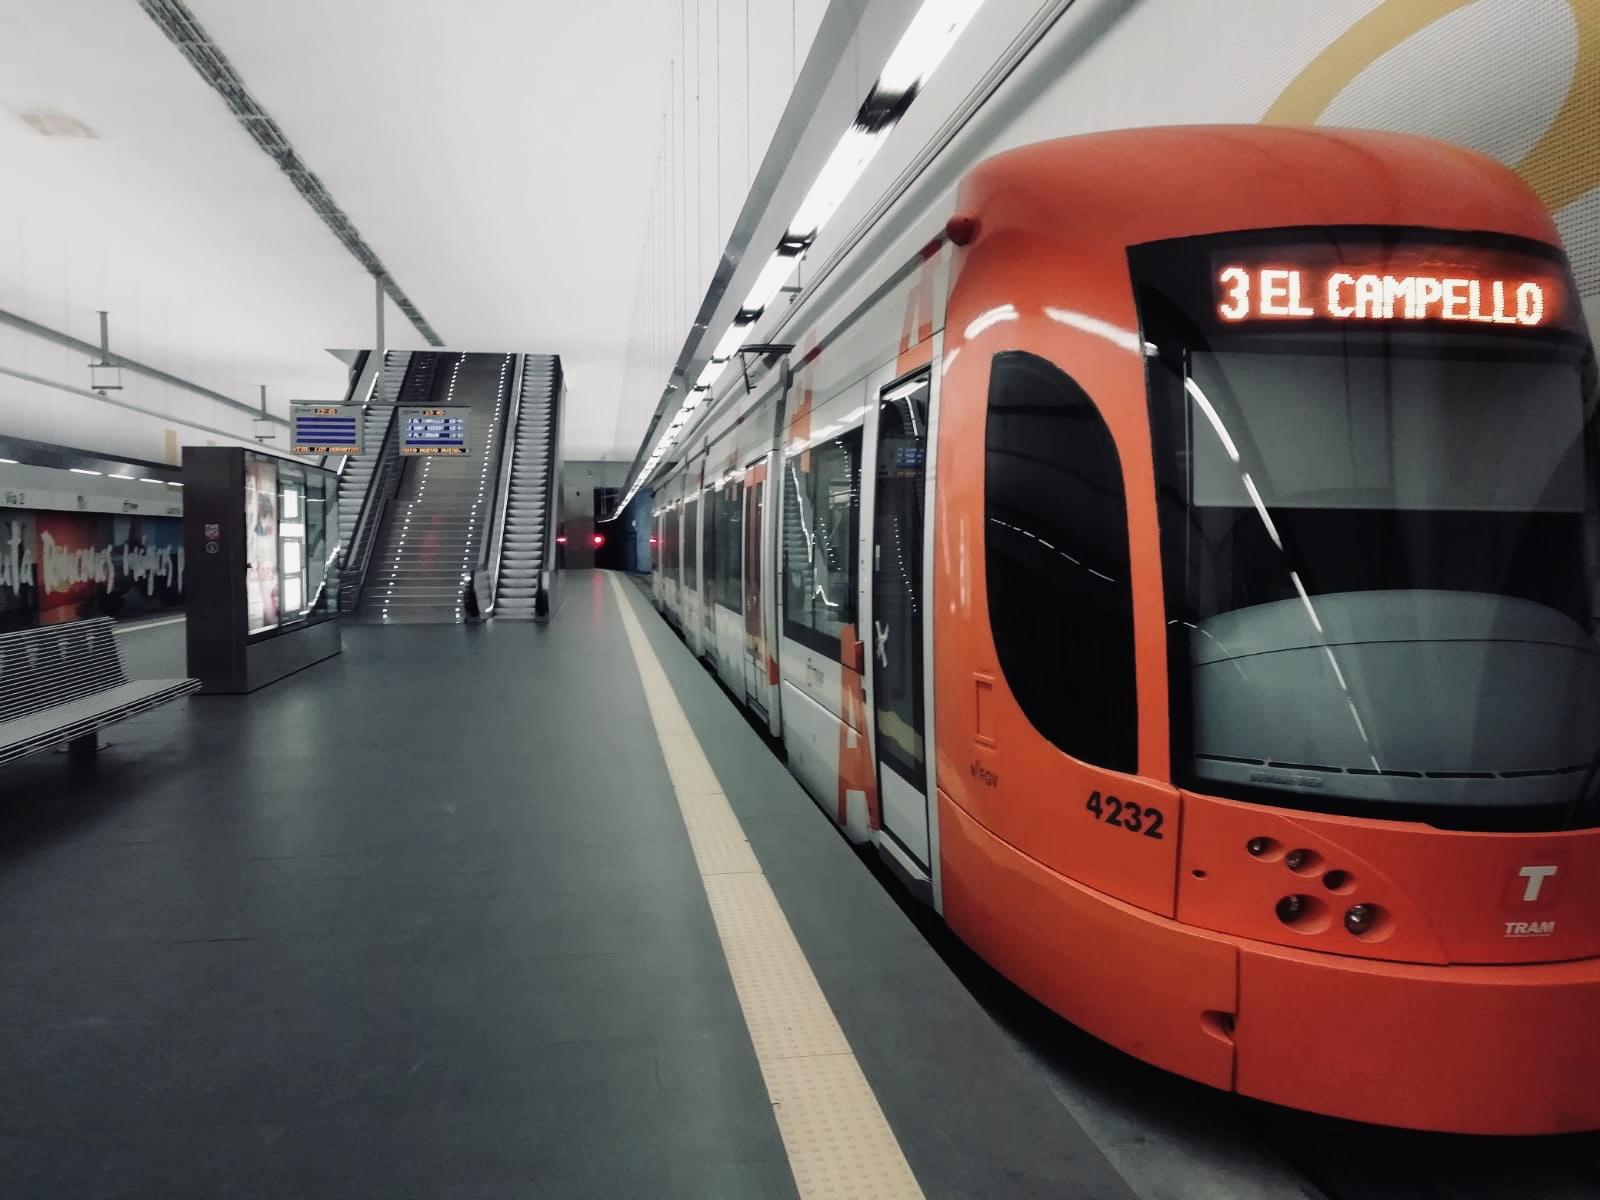 """El descenso de viajeros alcanza el 97,68% en Metrovalencia y el 96,22% en Tram d""""Alacant por la crisis sanitaria"""